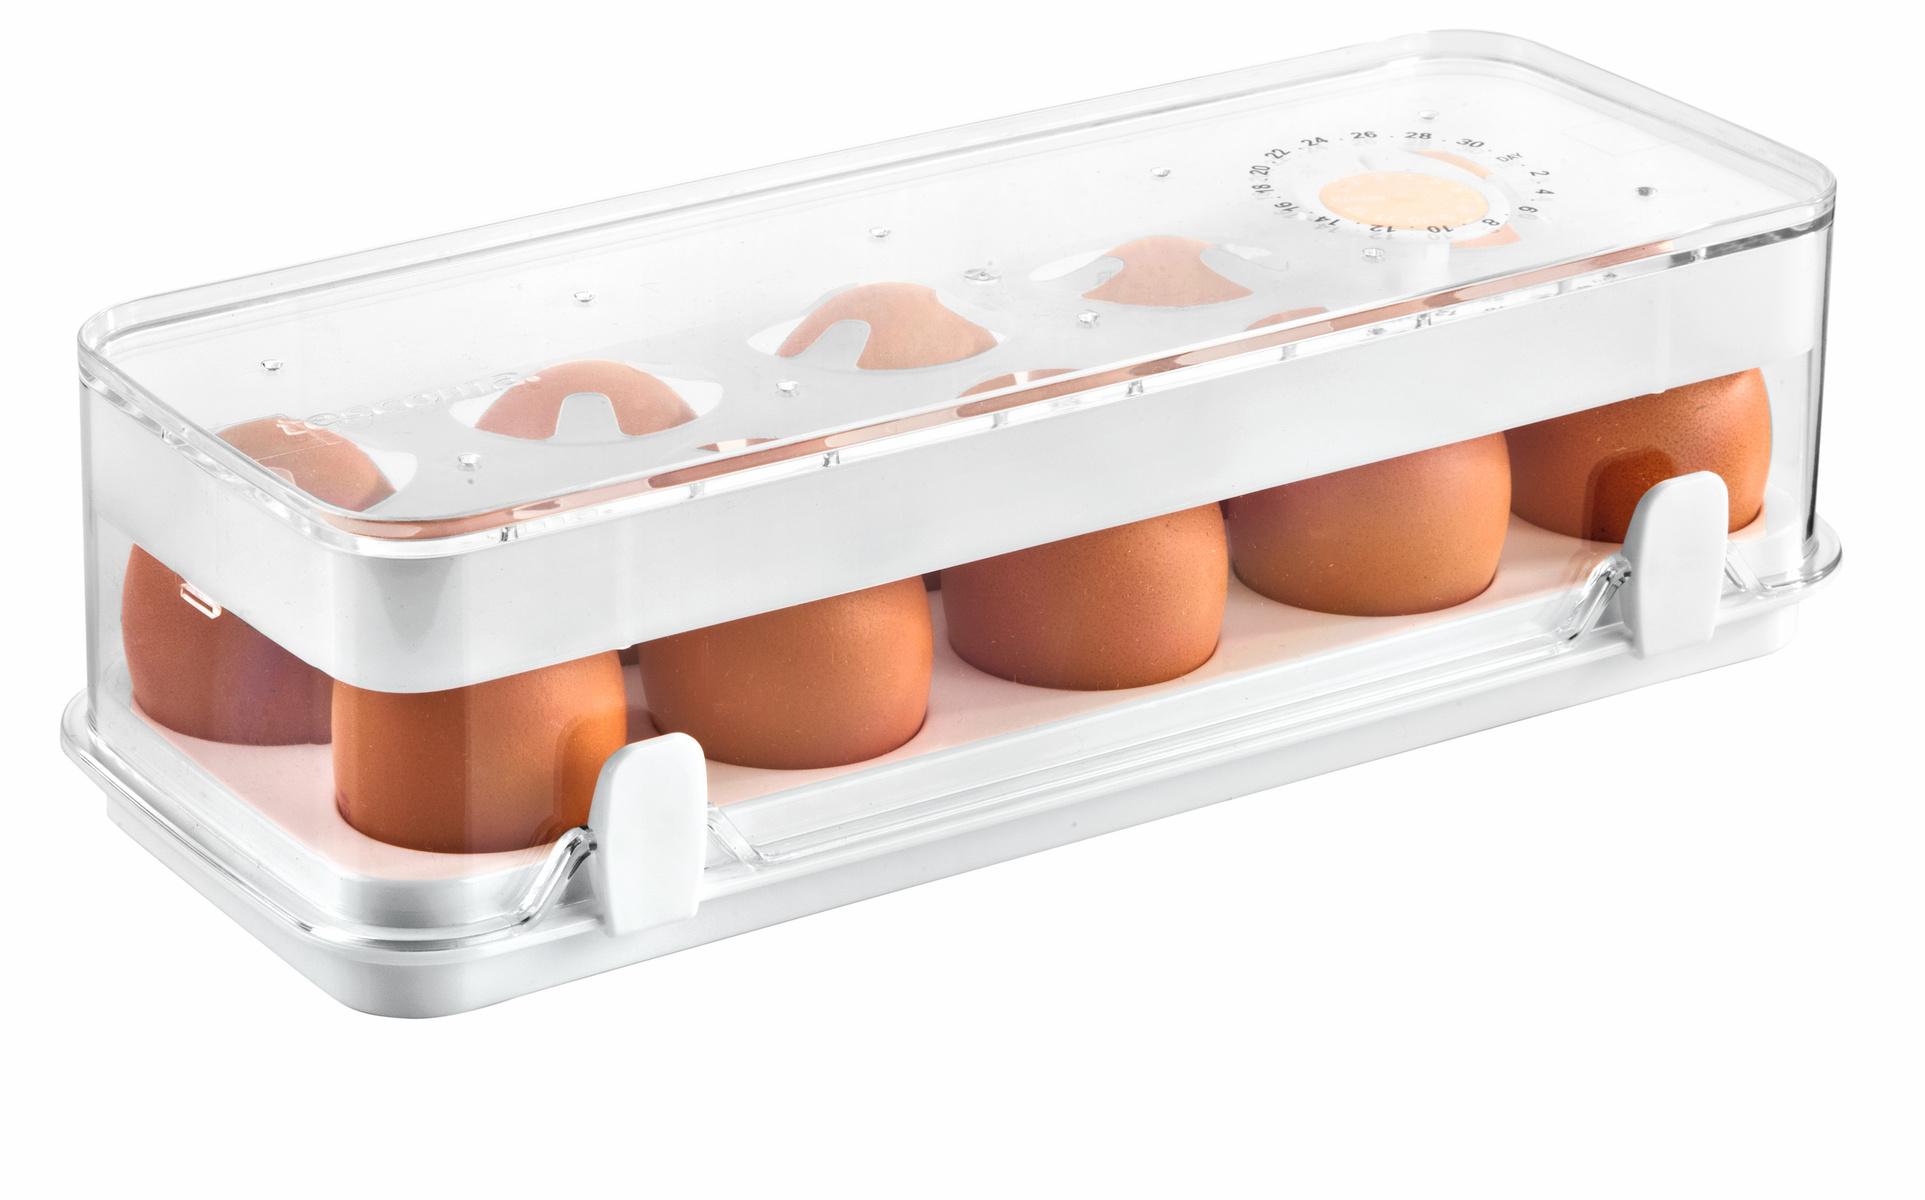 Tescoma Purity Zdravá dóza do chladničky, 10 vajec,